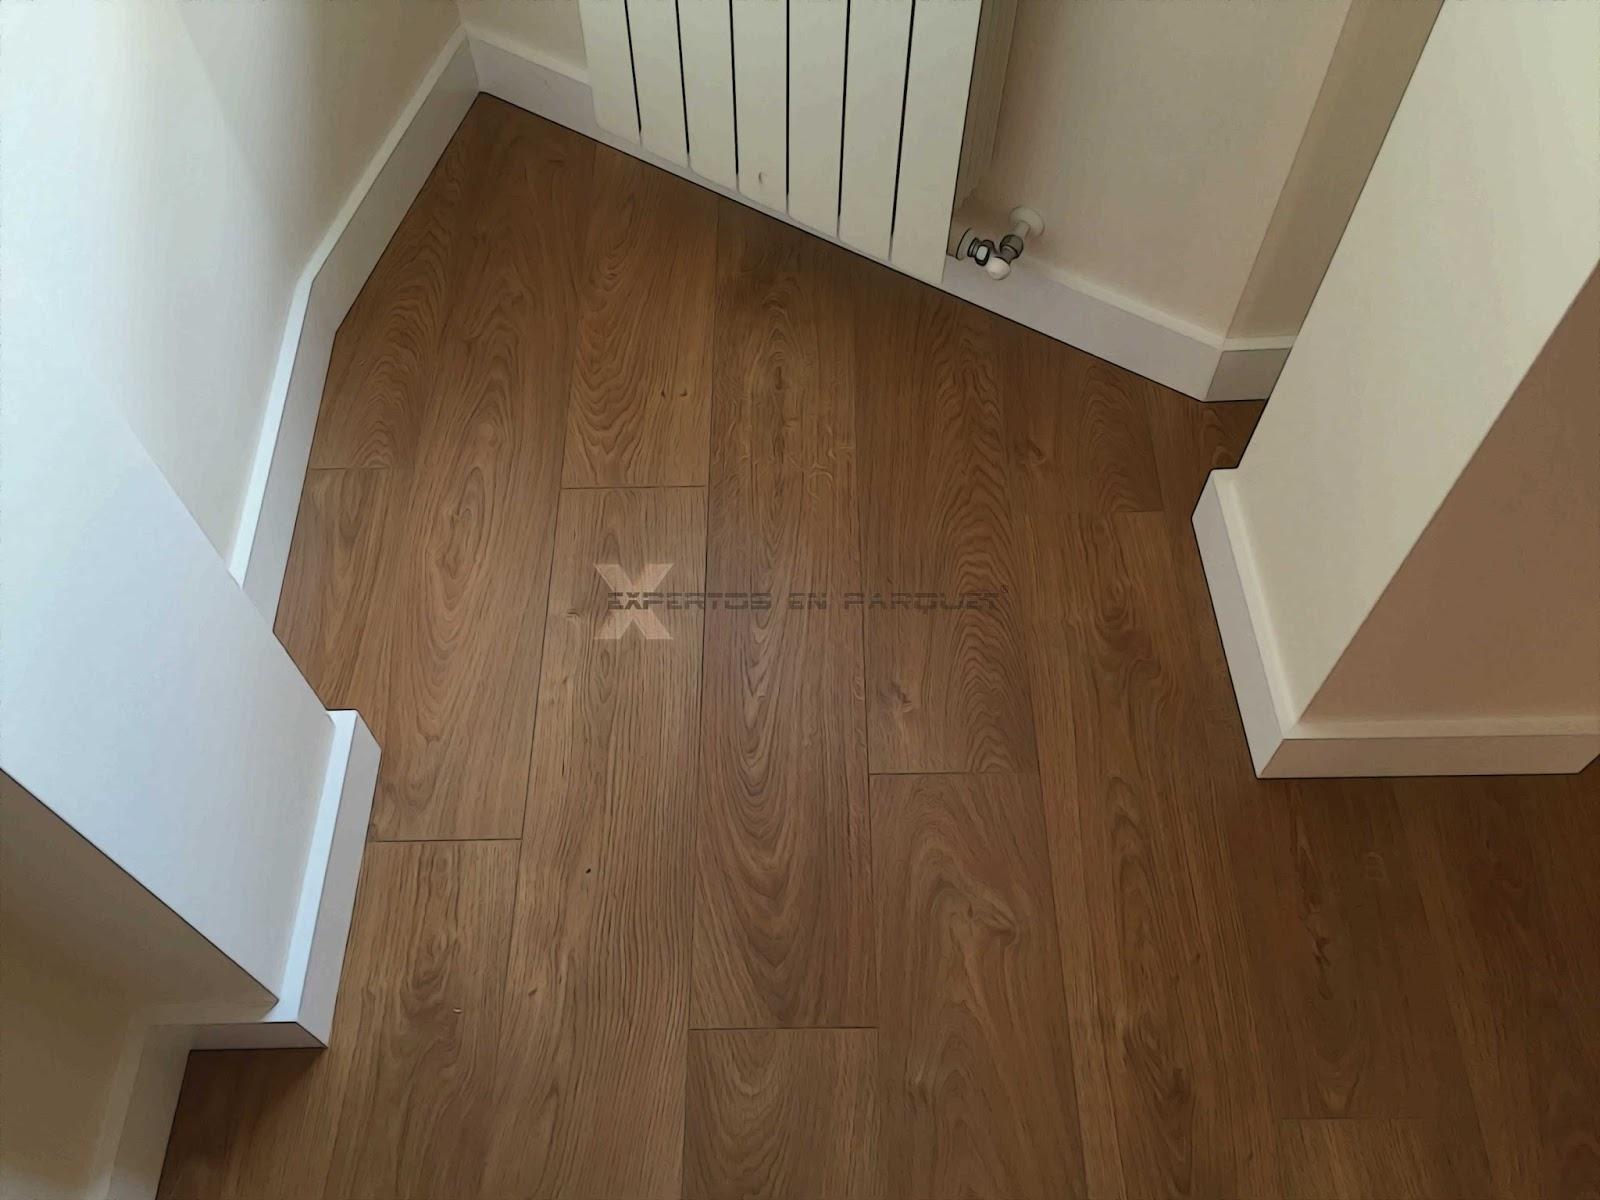 Rodapi s en blanco para tu suelo de parquet tarima o for Suelo laminado de madera